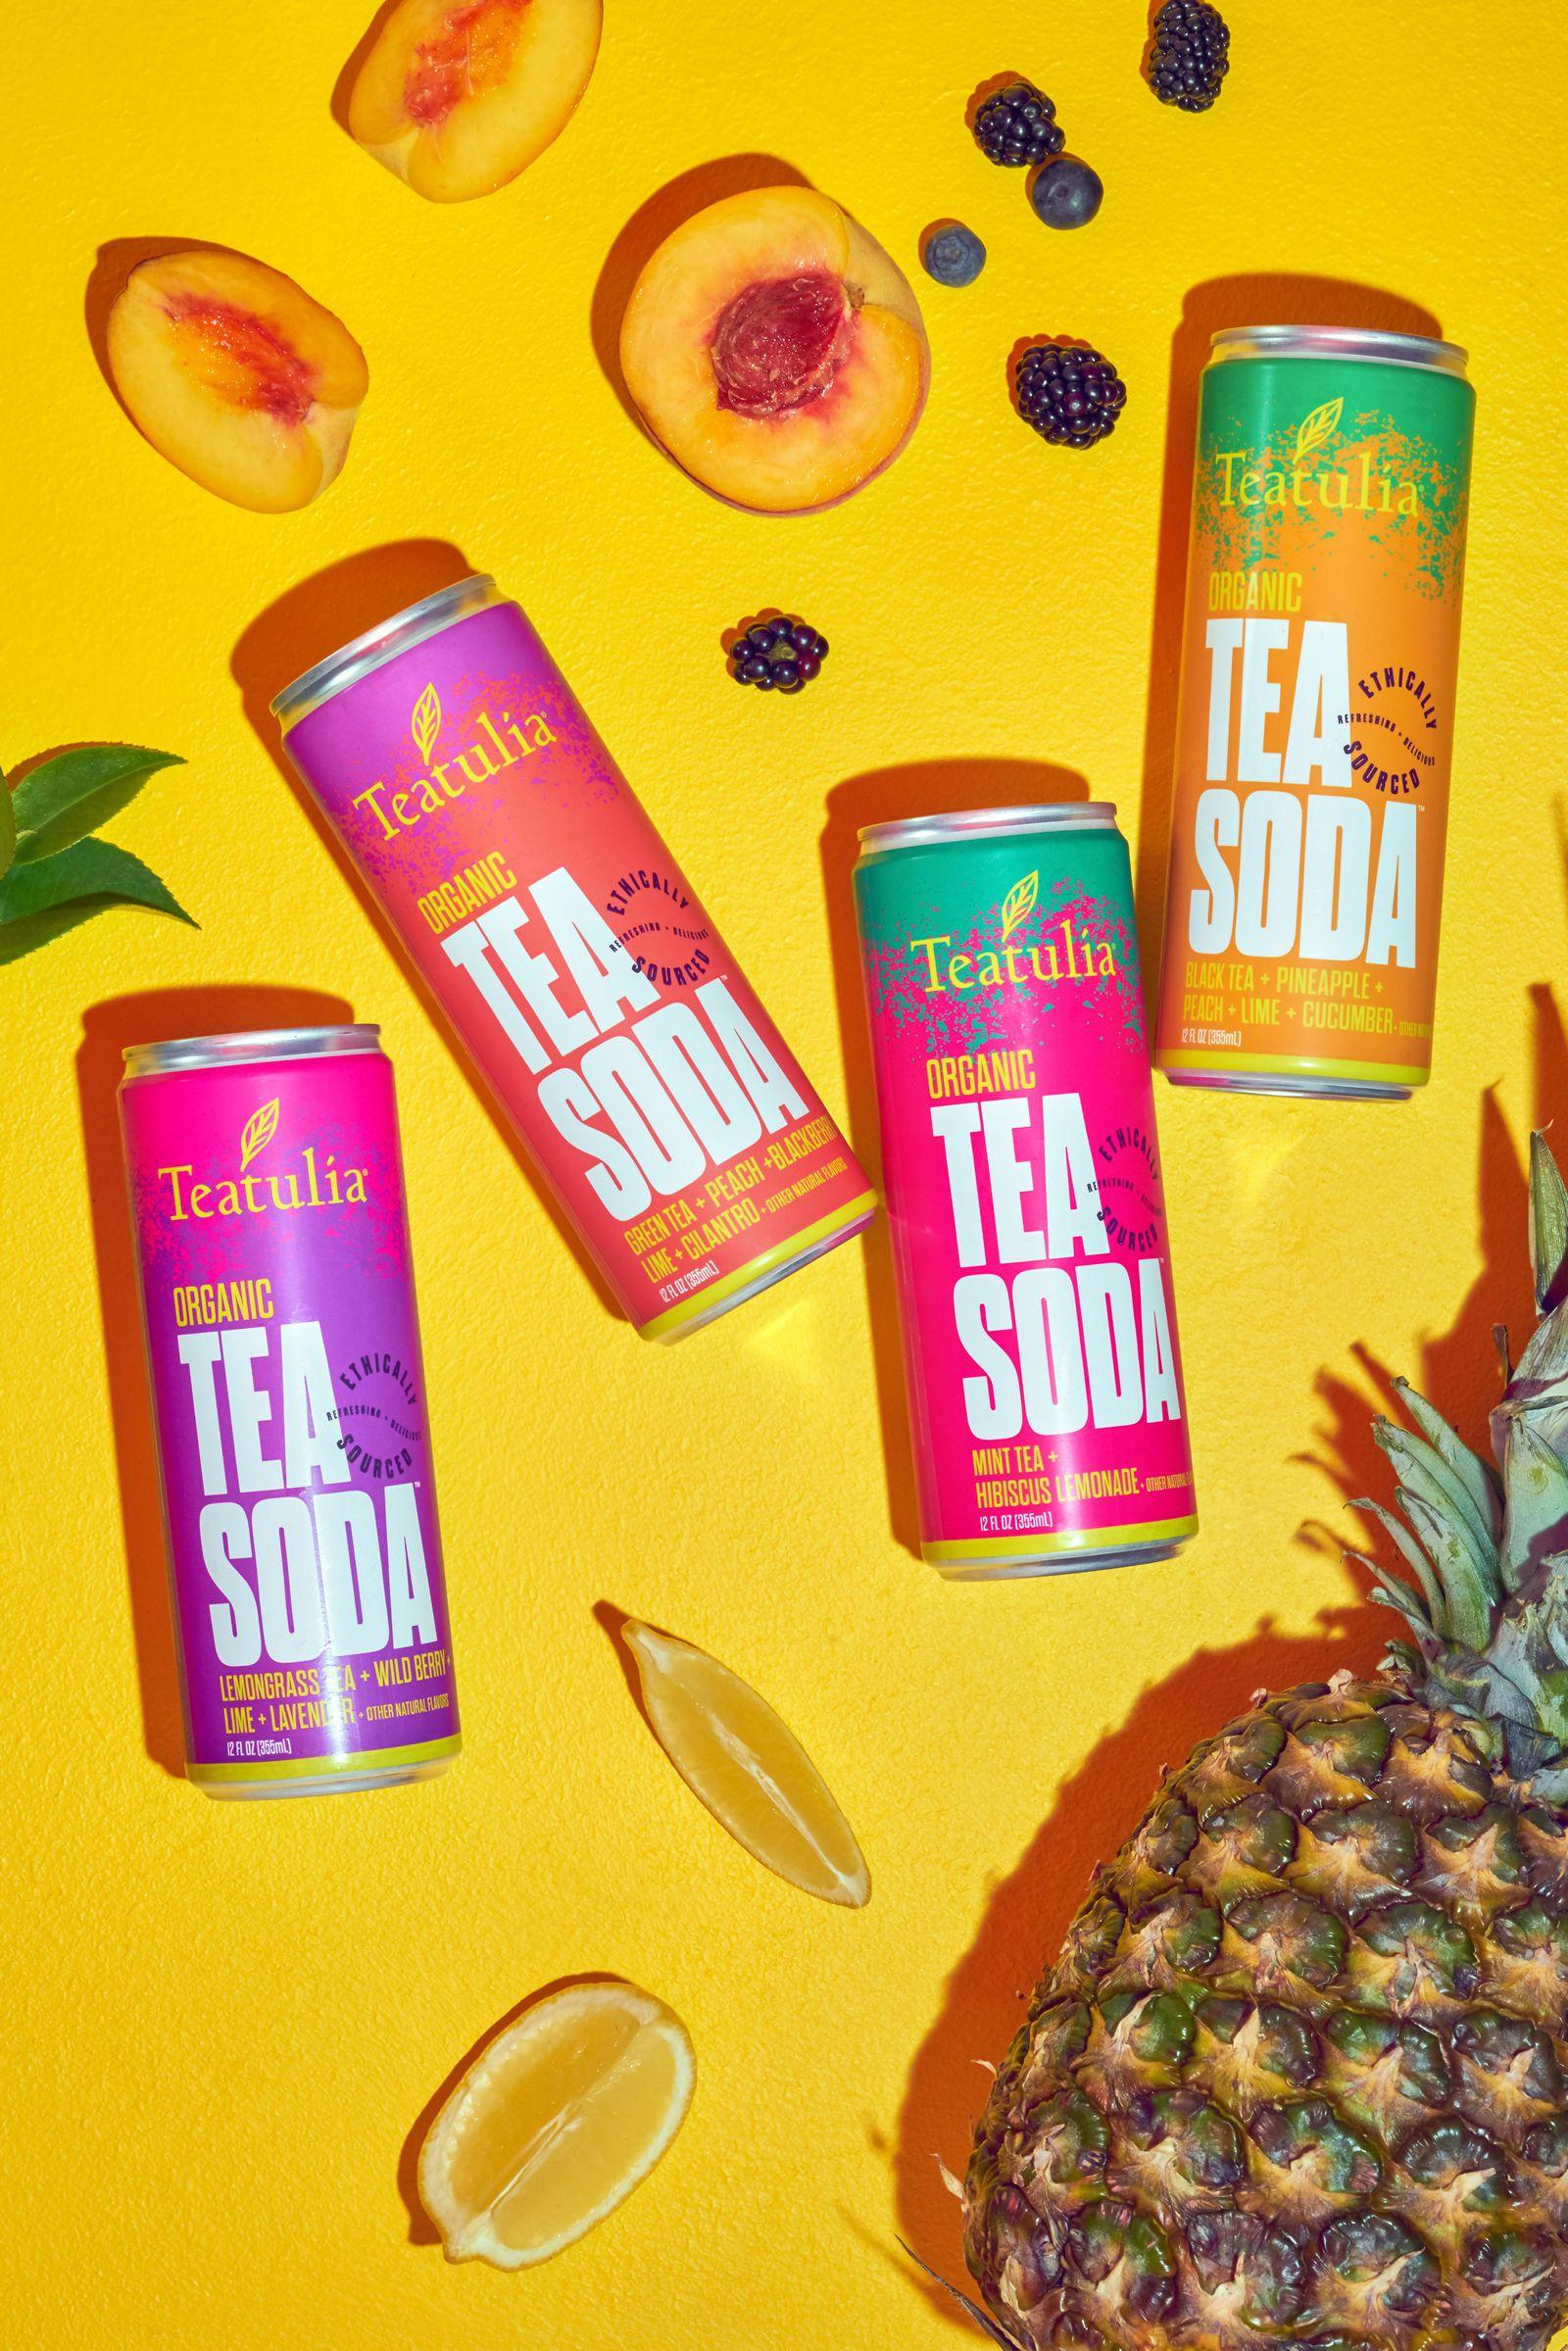 Teatulia Organic Tea Soda Expands to the East Coast